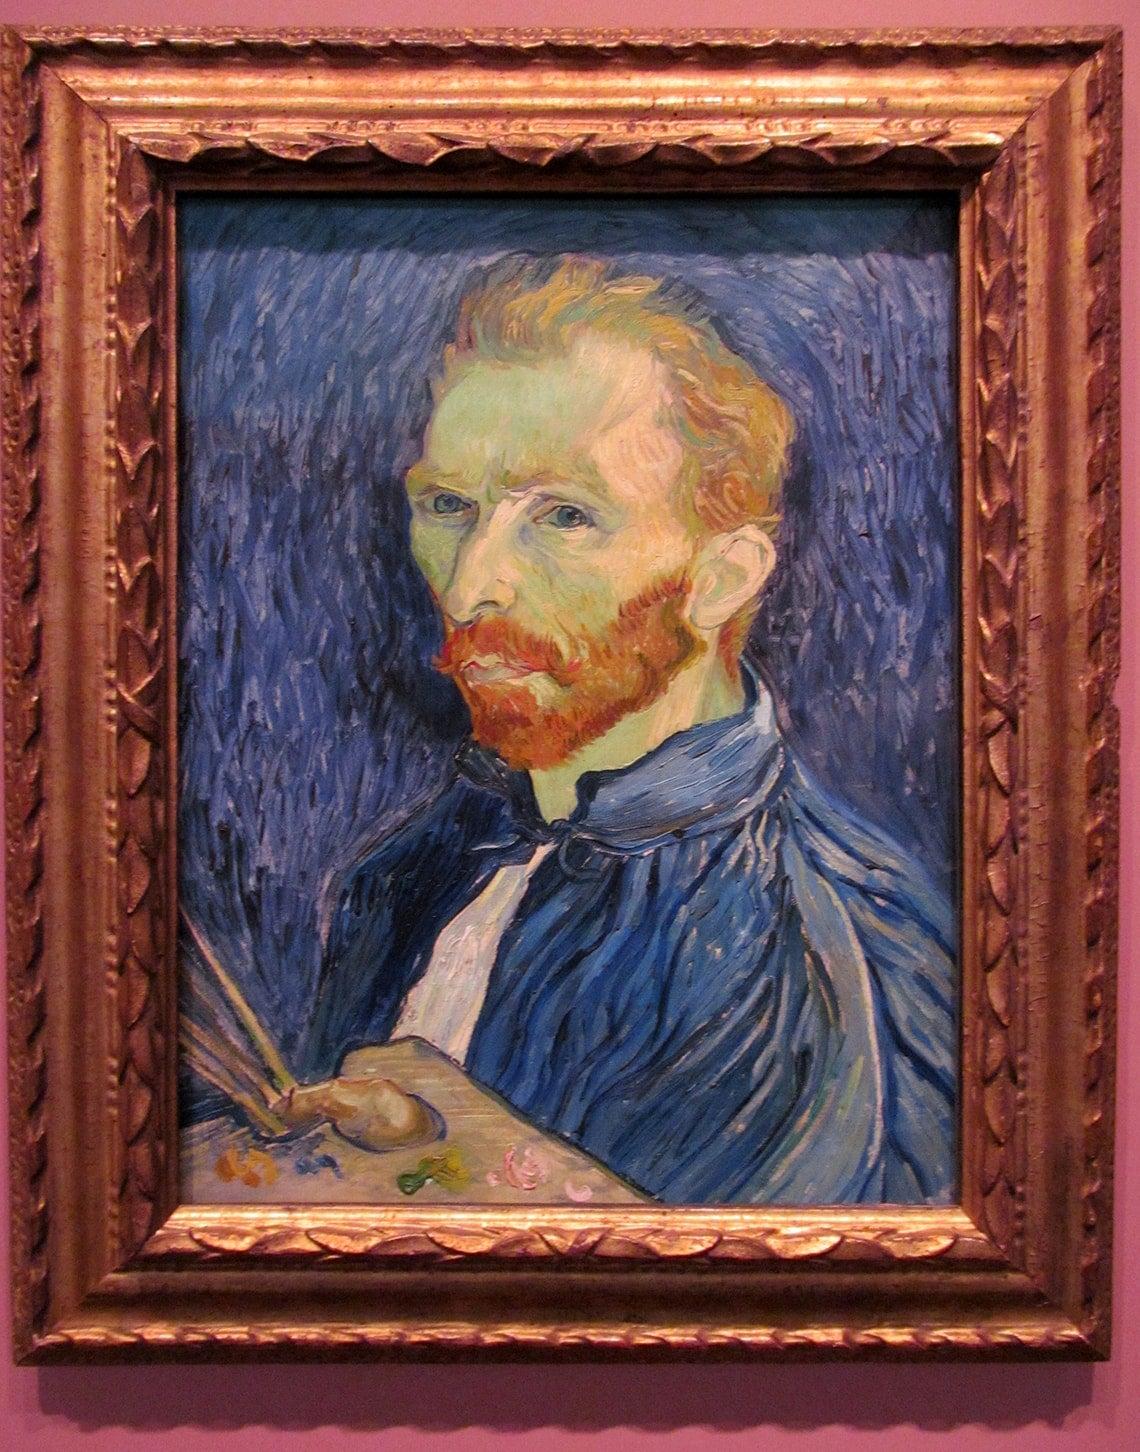 Photo of Vincent Van Gogh's self portrait